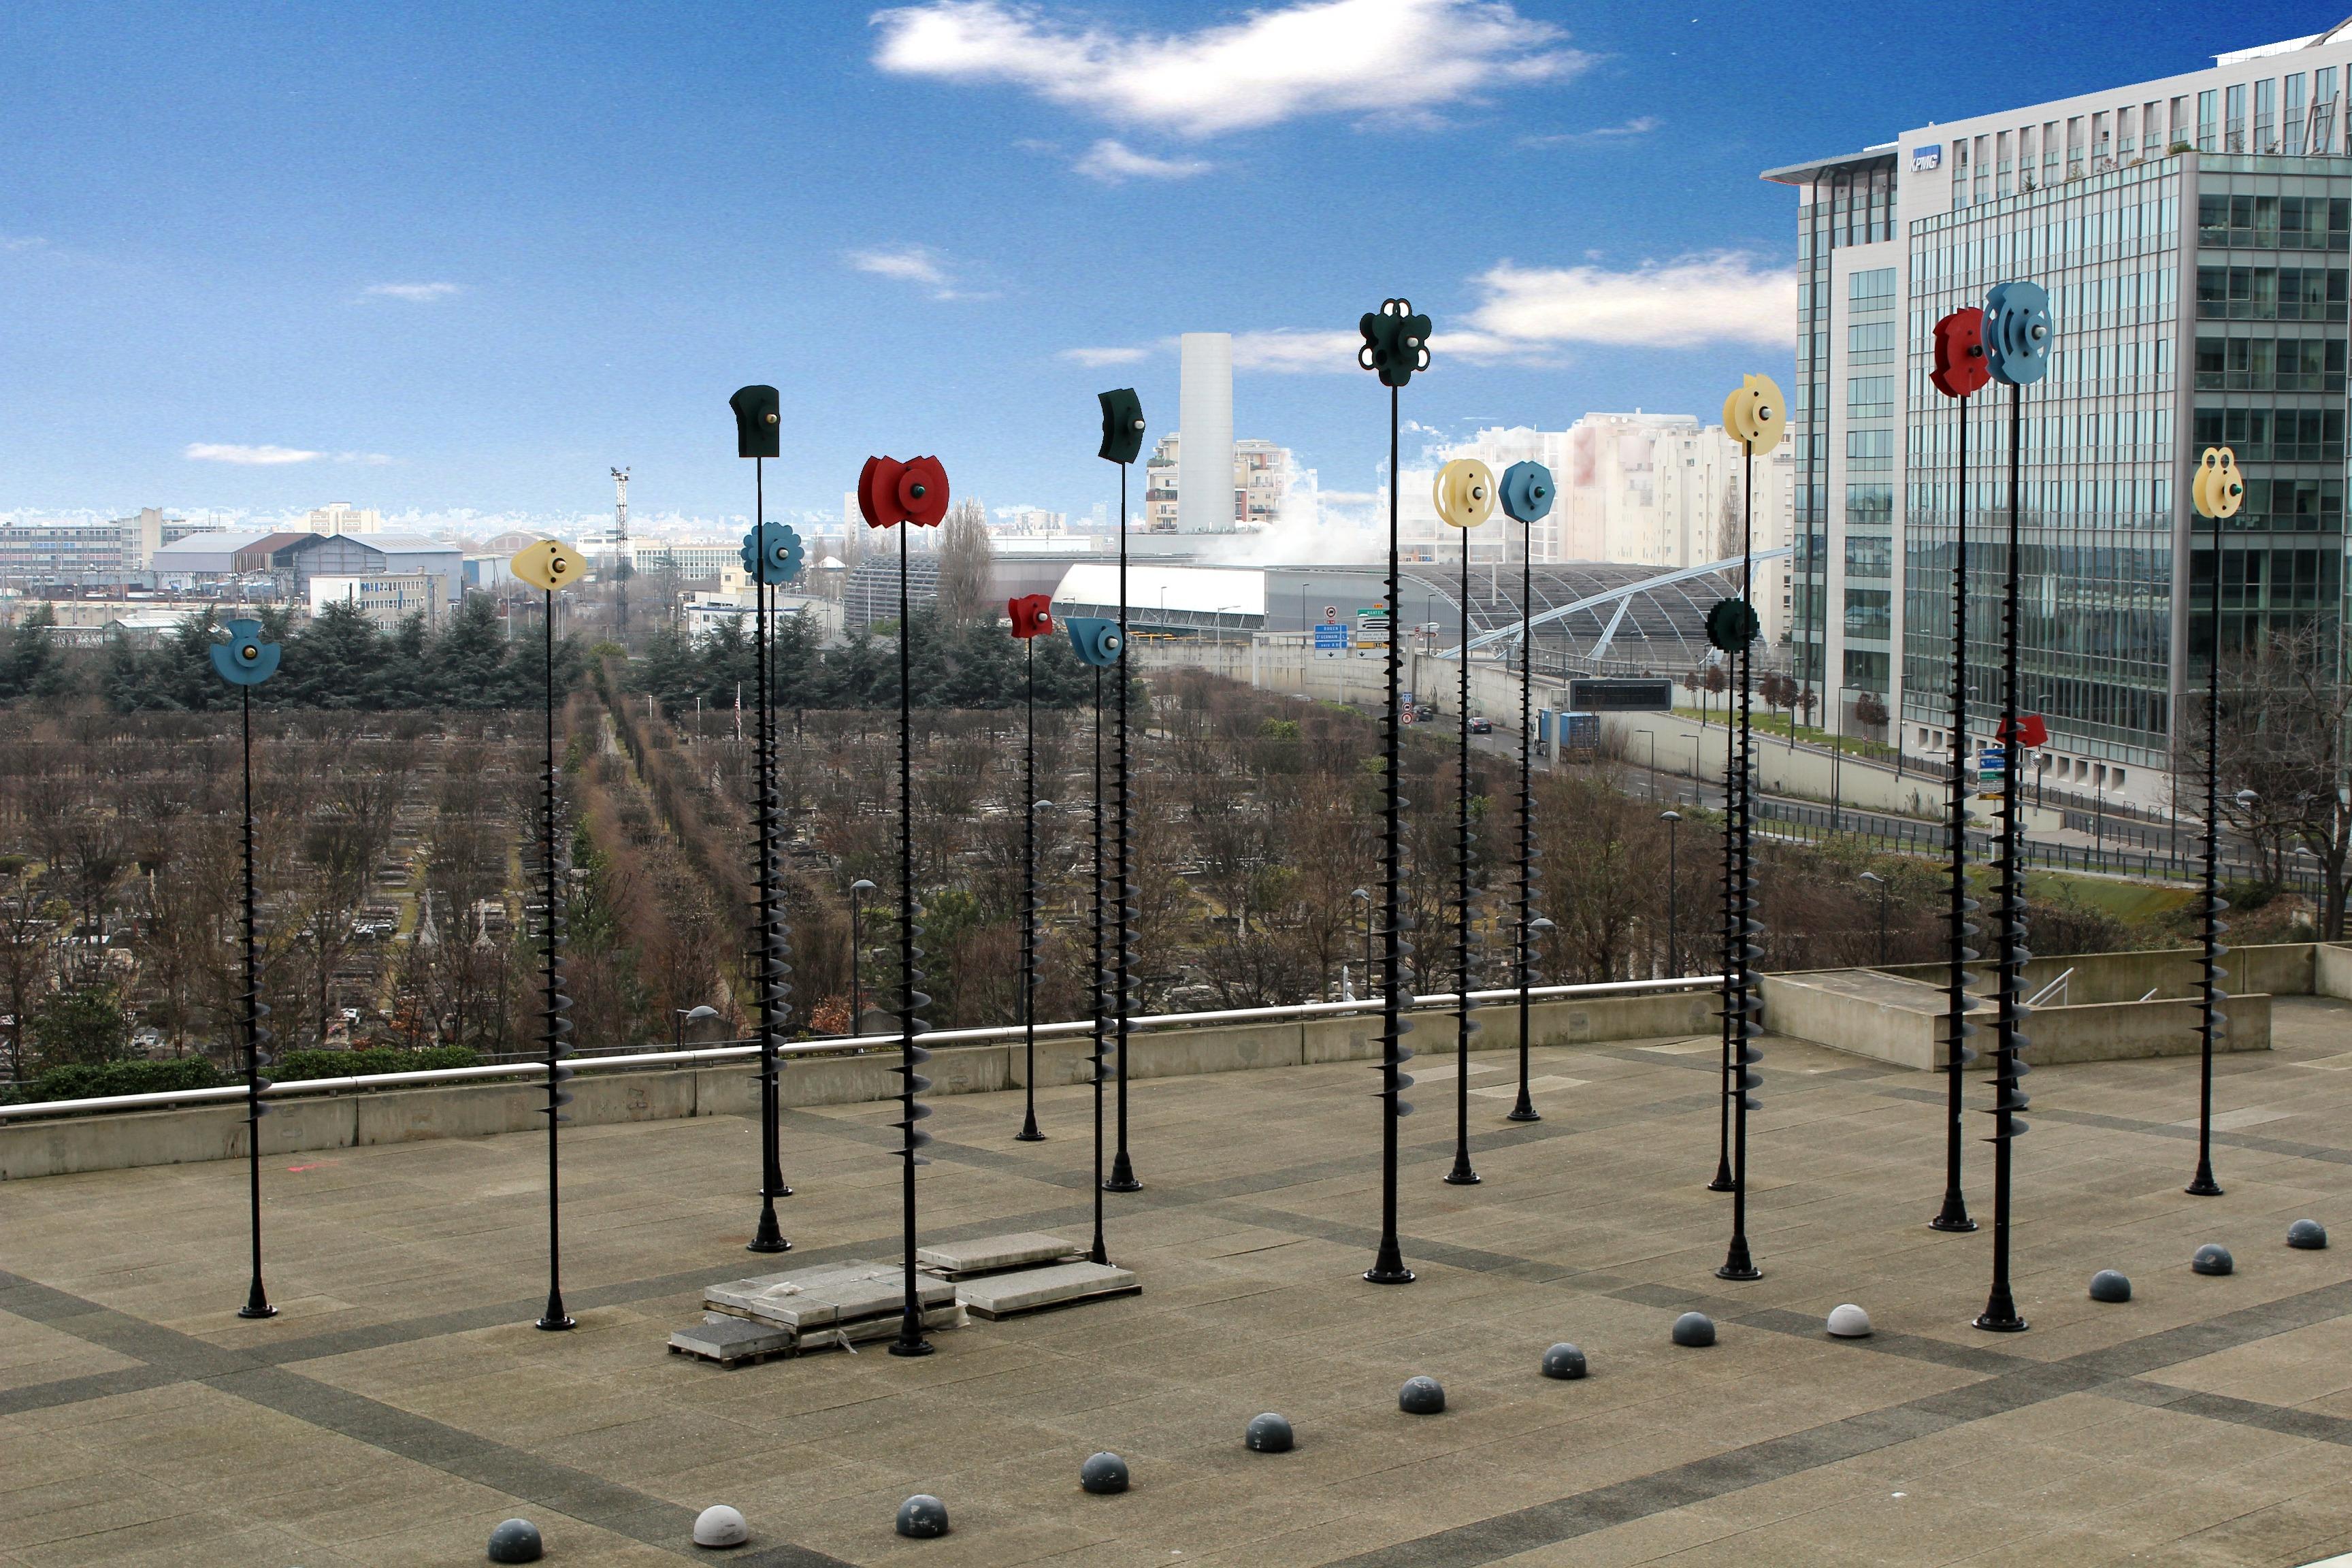 Gratis billeder : struktur, parkering, by, Paris, downtown, gadebelysning, belysning, trafiklys ...